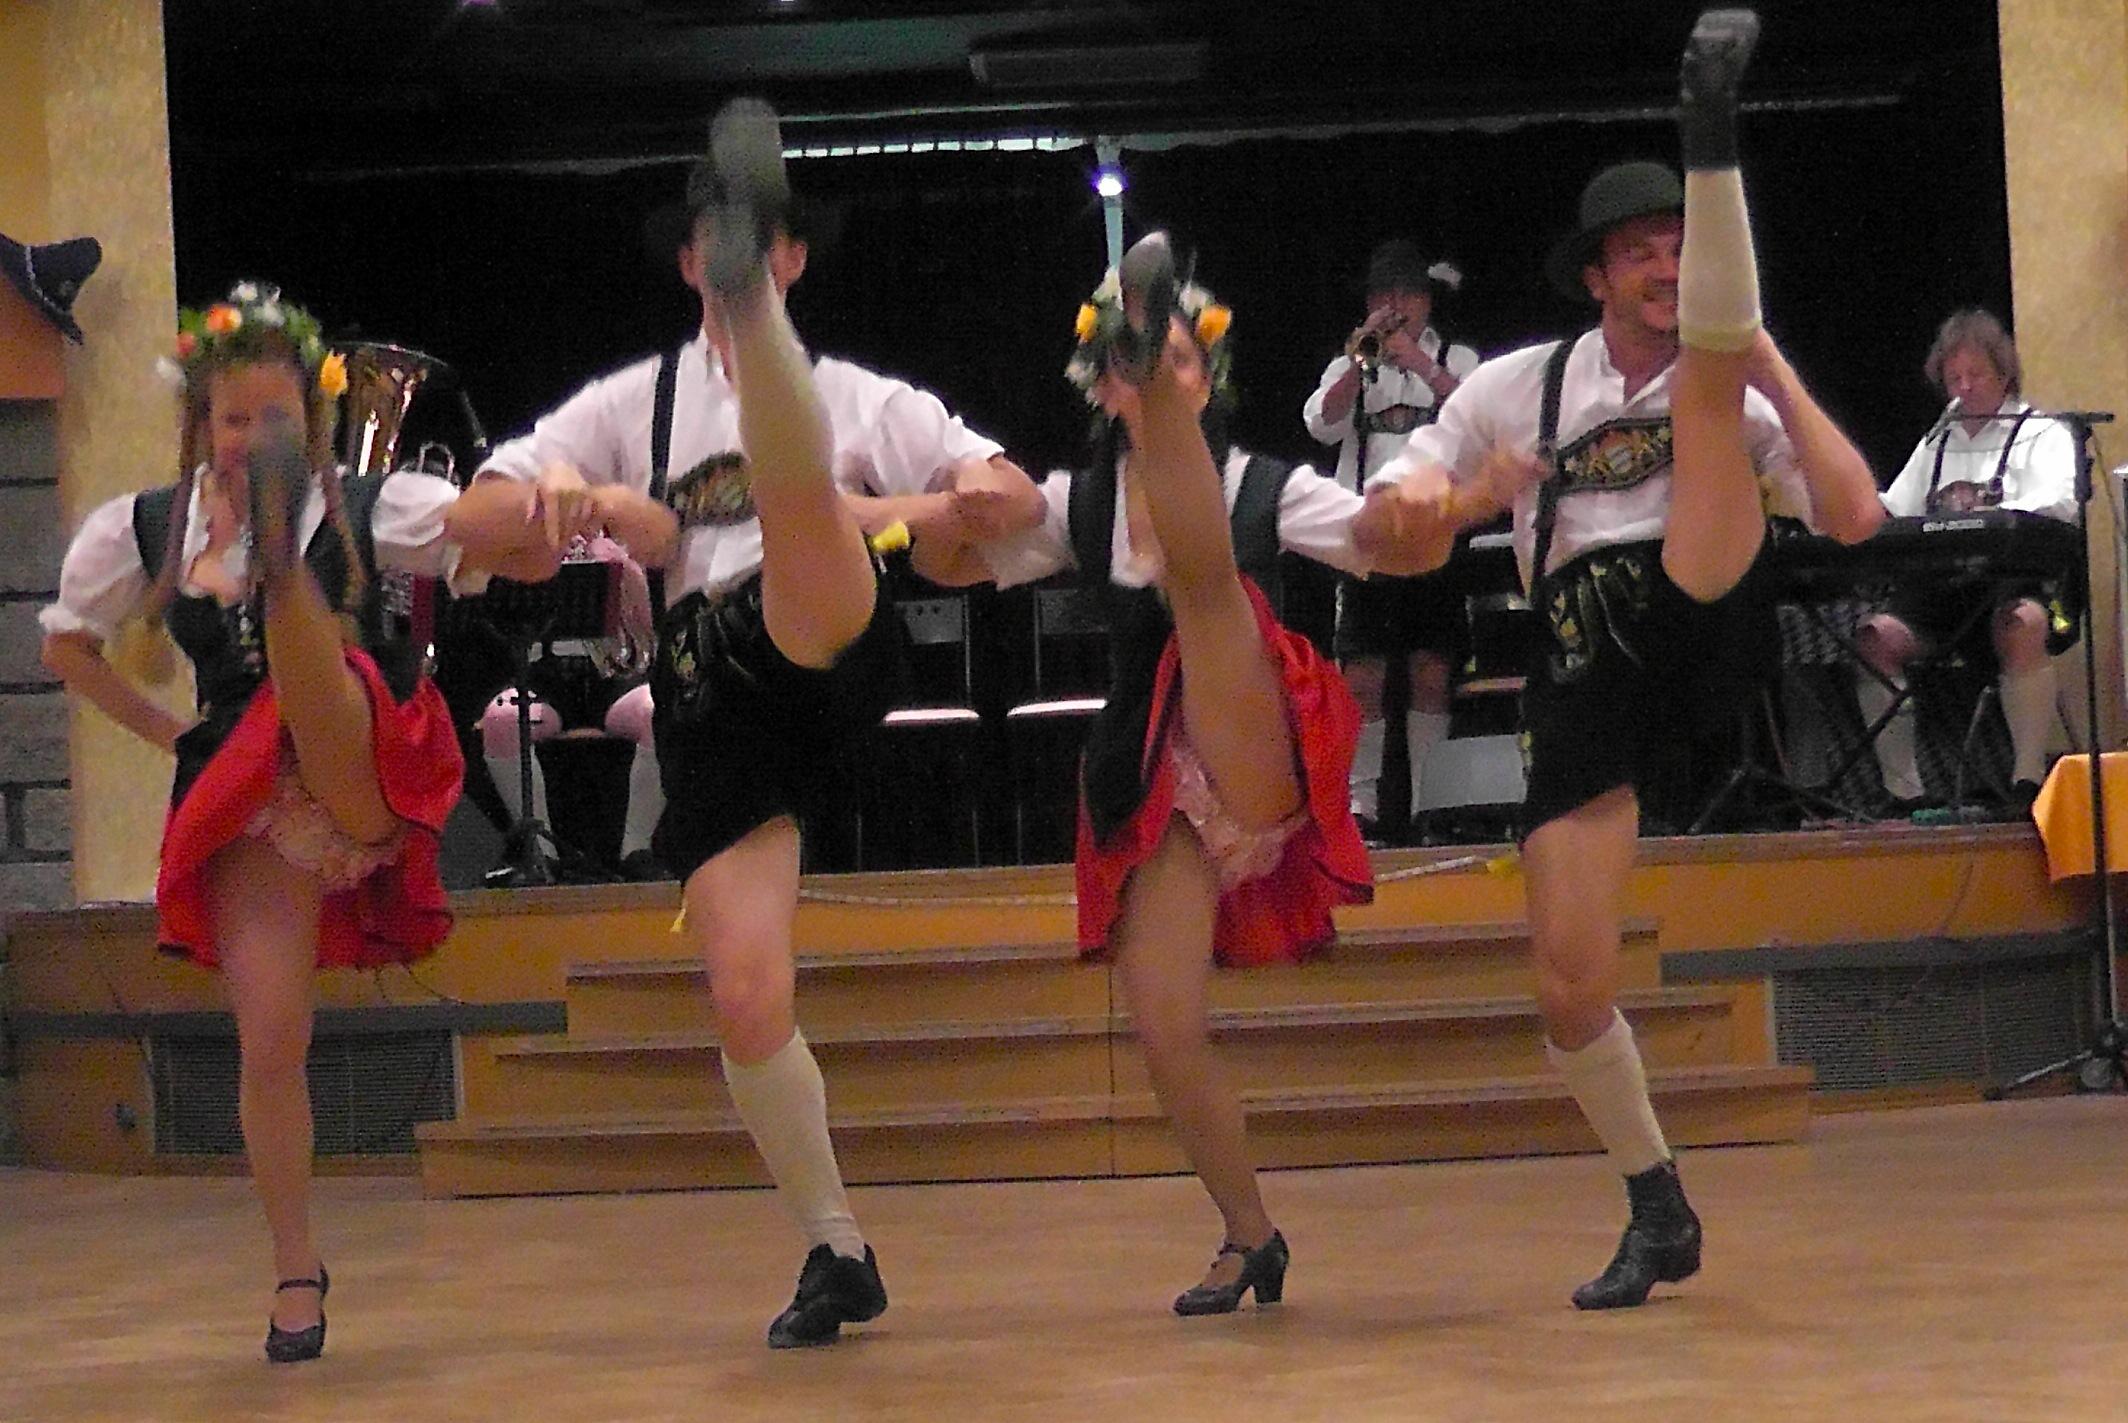 danses folkloriques- spectacle folklorique